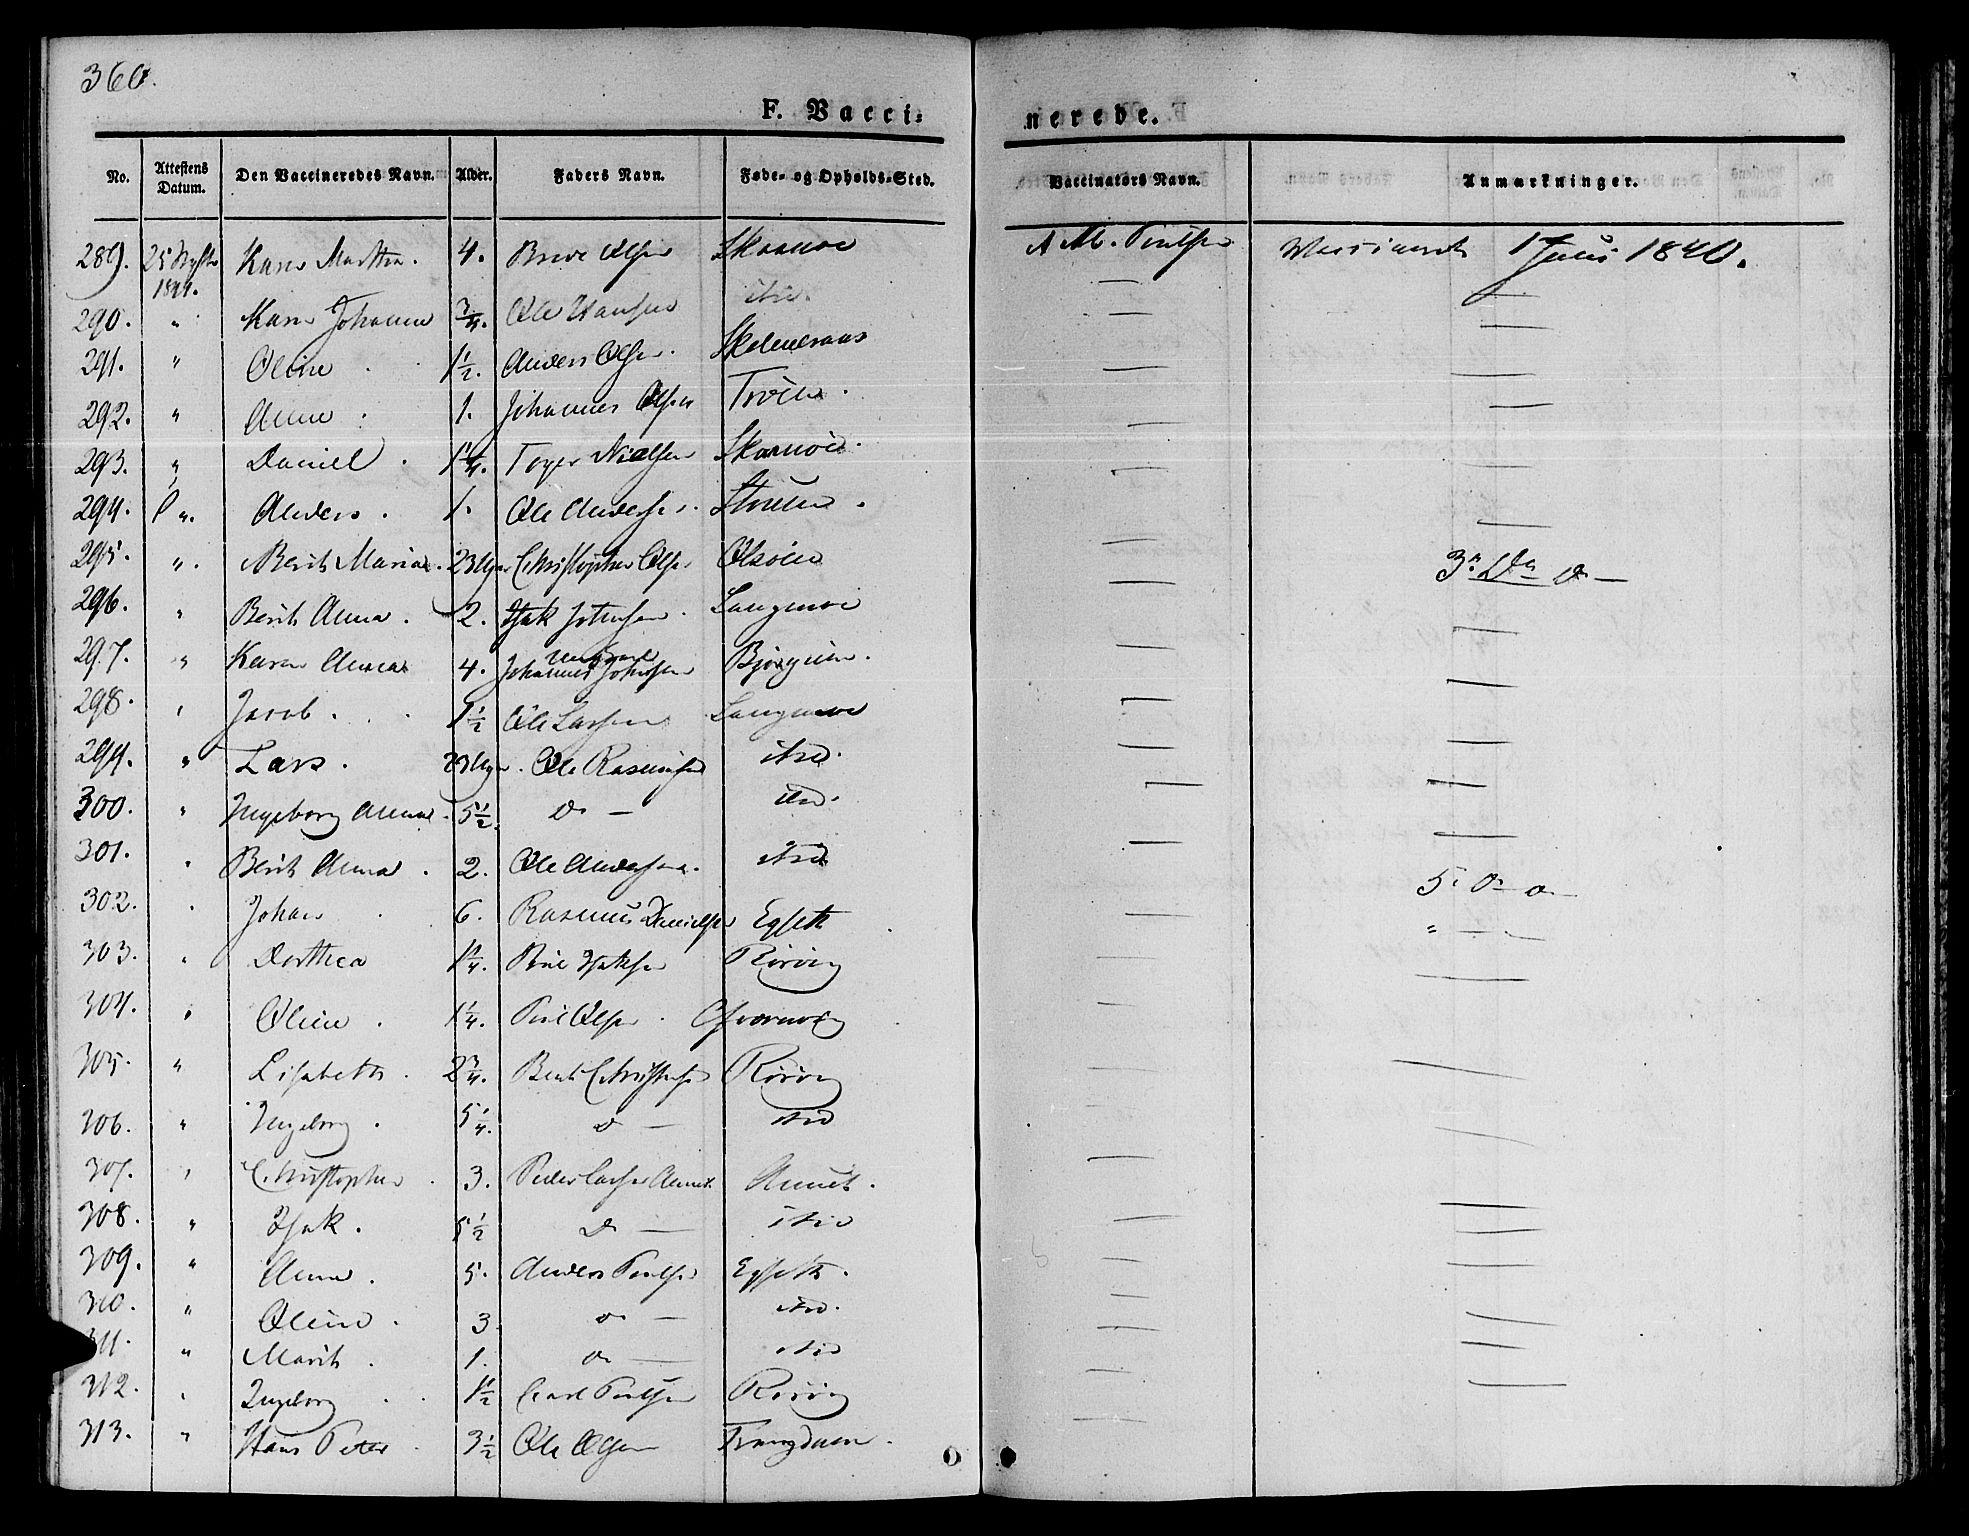 SAT, Ministerialprotokoller, klokkerbøker og fødselsregistre - Sør-Trøndelag, 646/L0610: Ministerialbok nr. 646A08, 1837-1847, s. 360